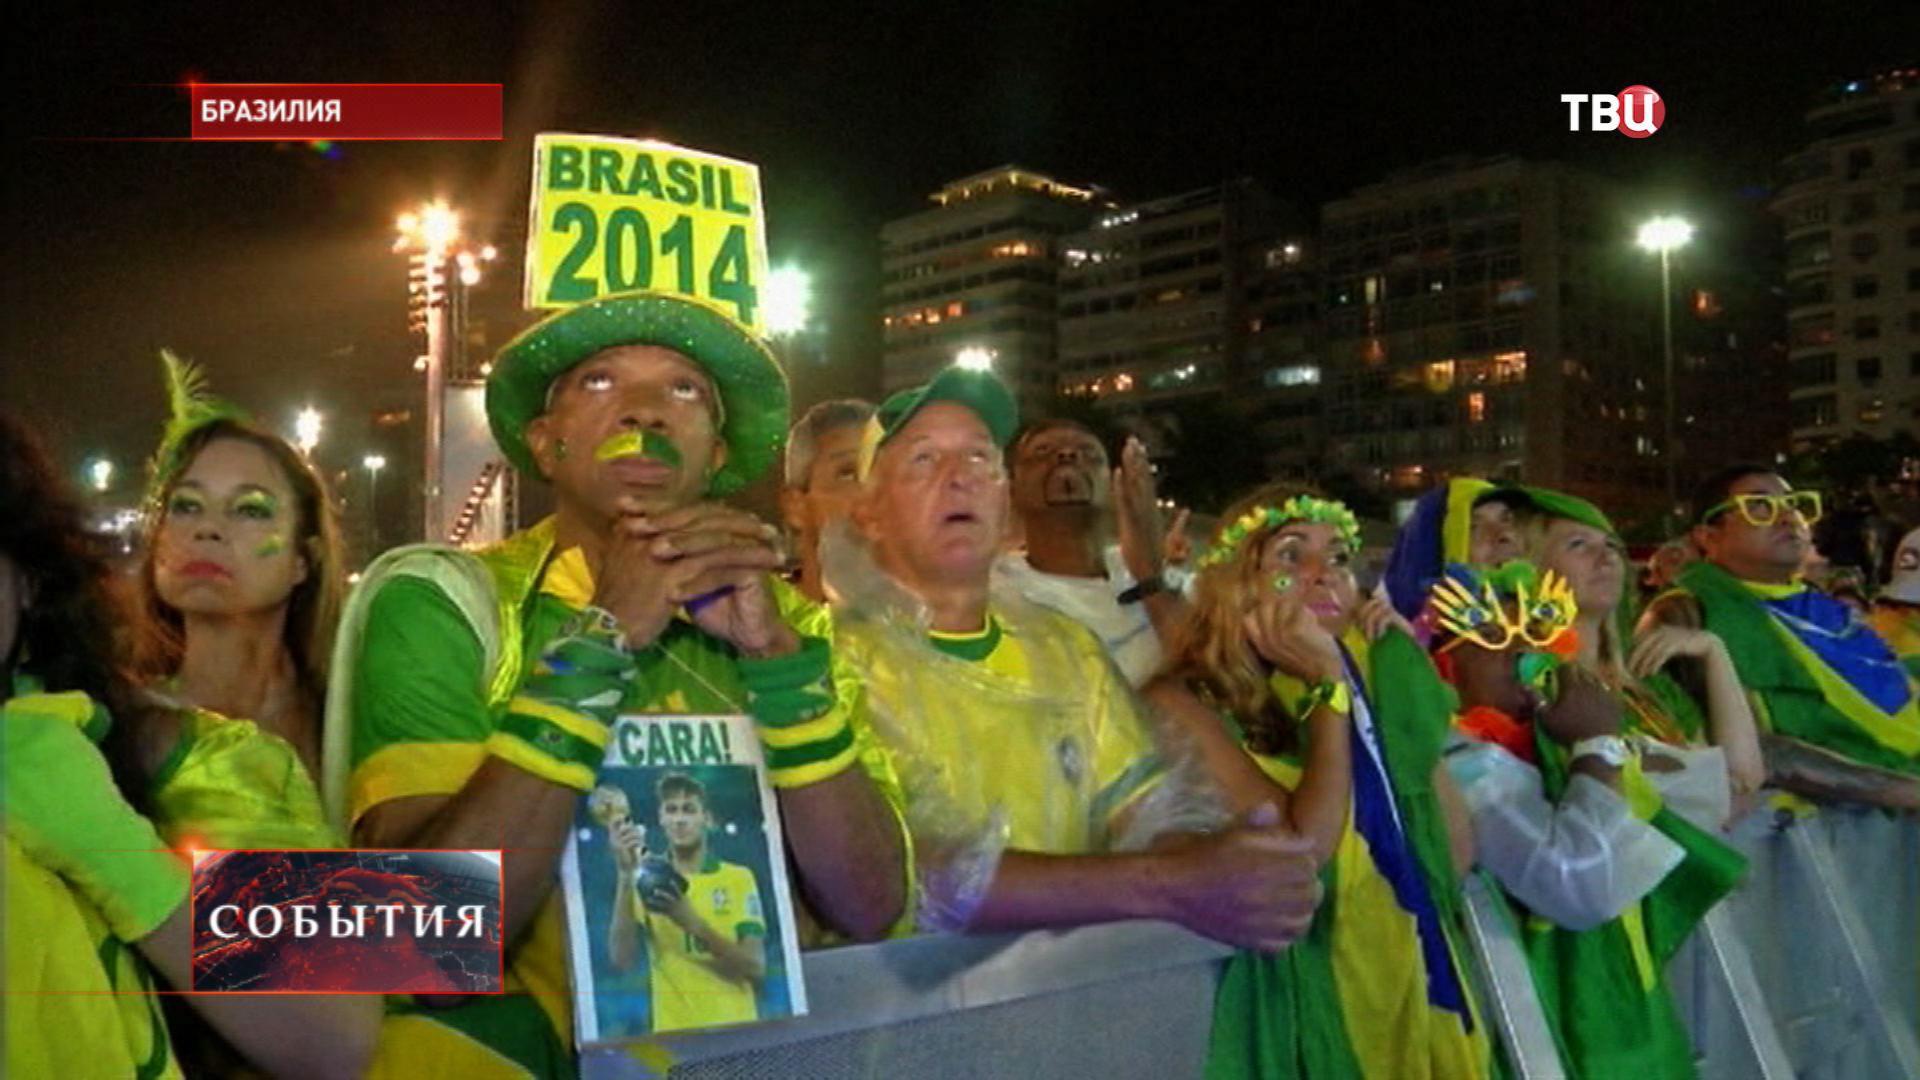 Футбольные болельщики сборной Бразилии